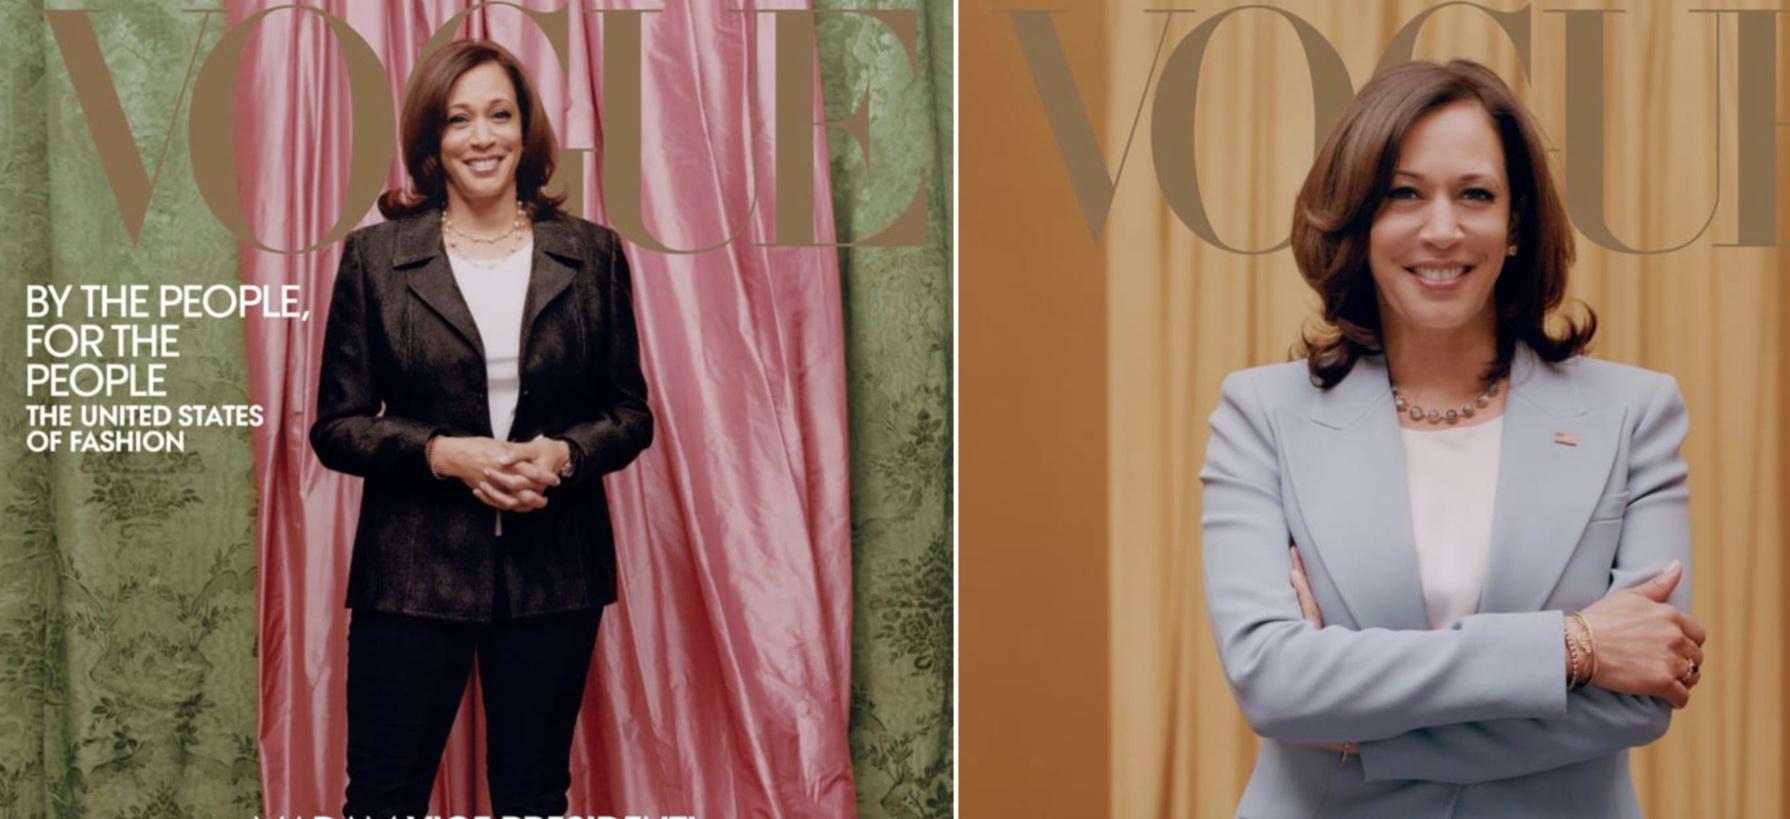 Η Anna Wintour της Vogue απαντά για το εξώφυλλο της Κάμαλα Χάρις